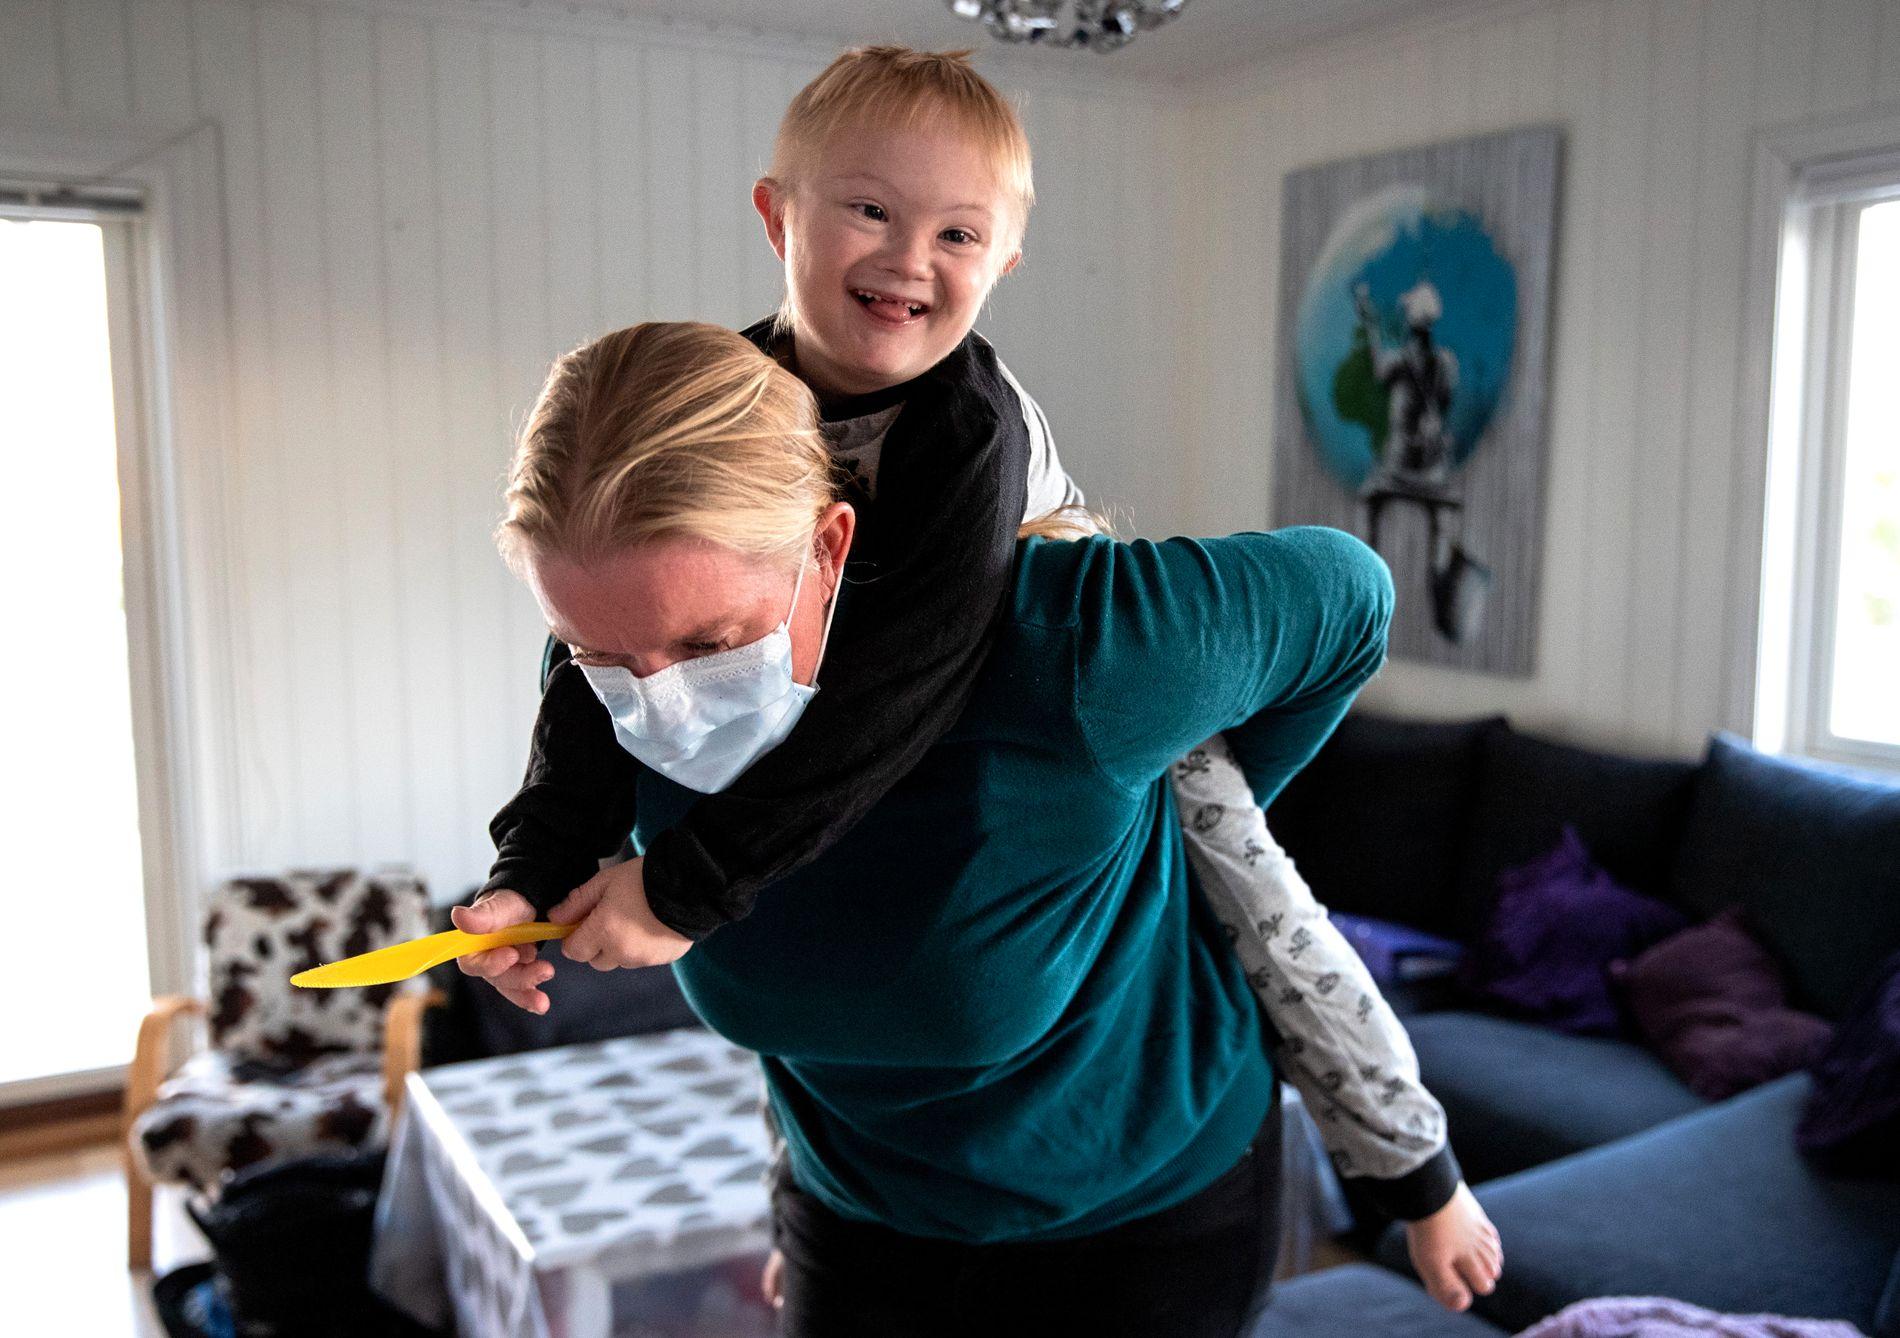 PASSER PÅ: Edvan (8) har blant annet downs syndrom og en sjelden tarmsykdom. Mamma Nina Bakkefjord kjemper for en endring i pleiepengeordningen, som i dag har en maksgrense på 1300 dager.